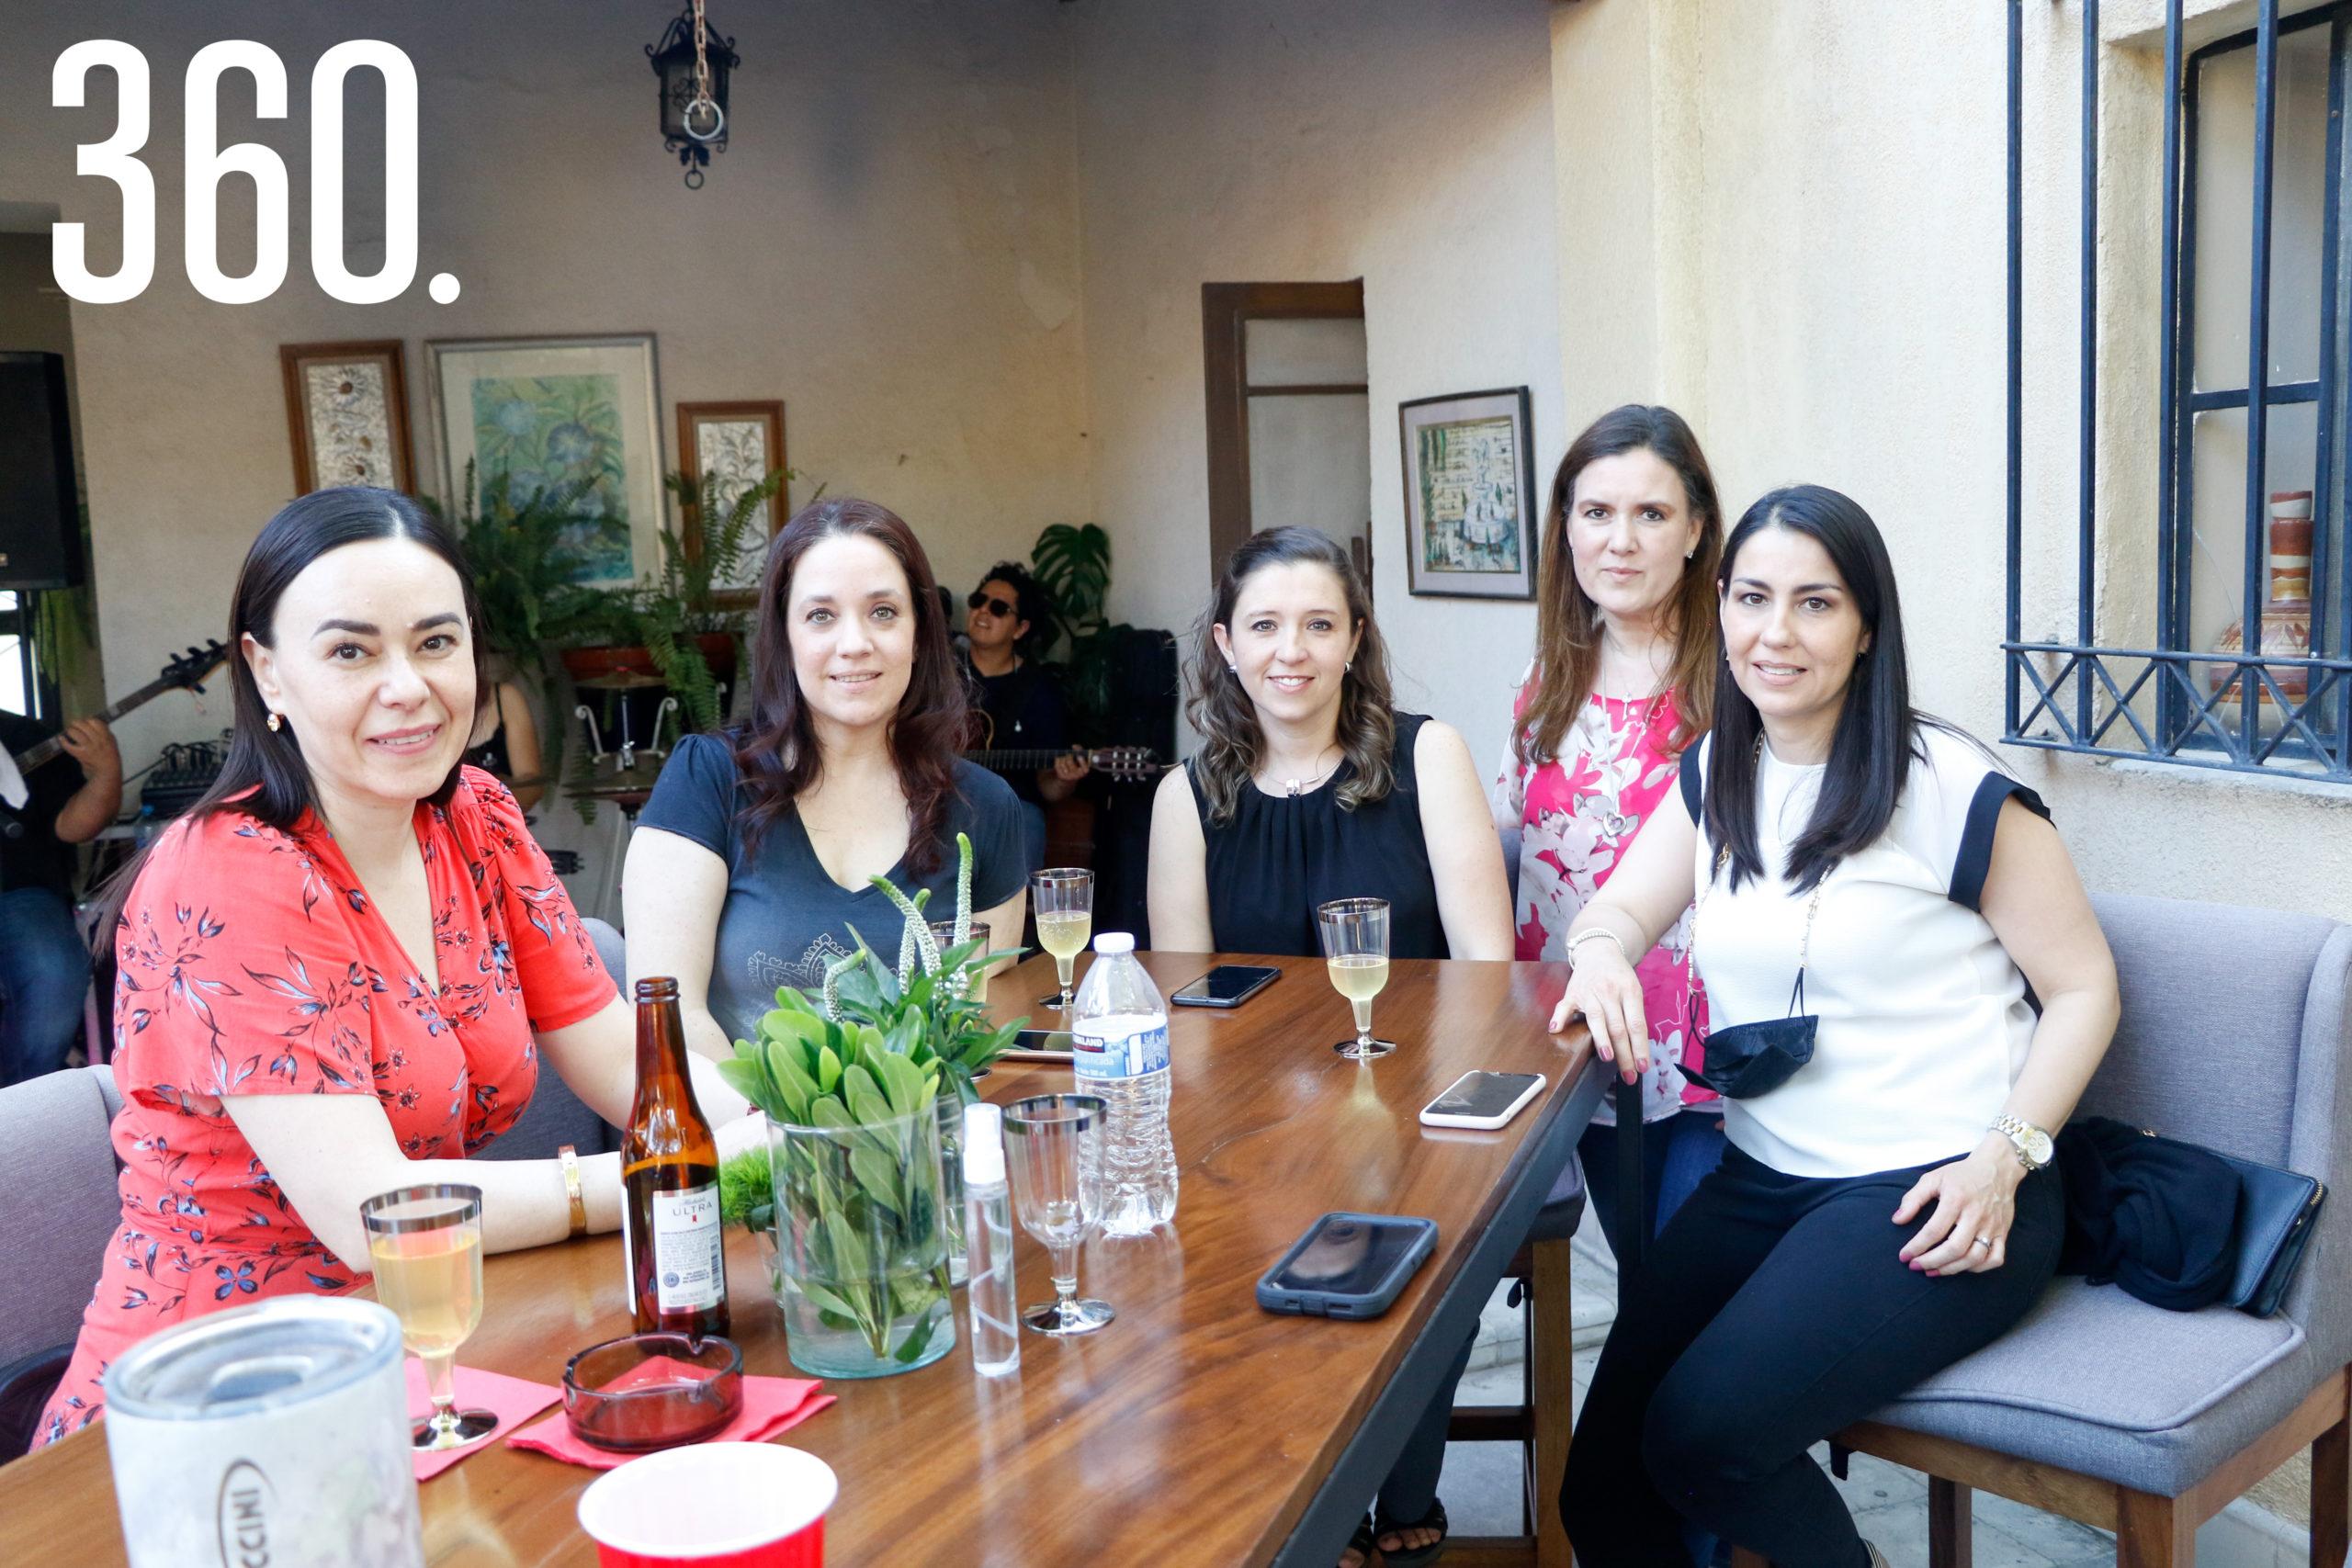 Lucía Riojas, Esperanza Dorbecker, Paulina Cordero, Lucero Dorbecker y Claudia Sánchez.